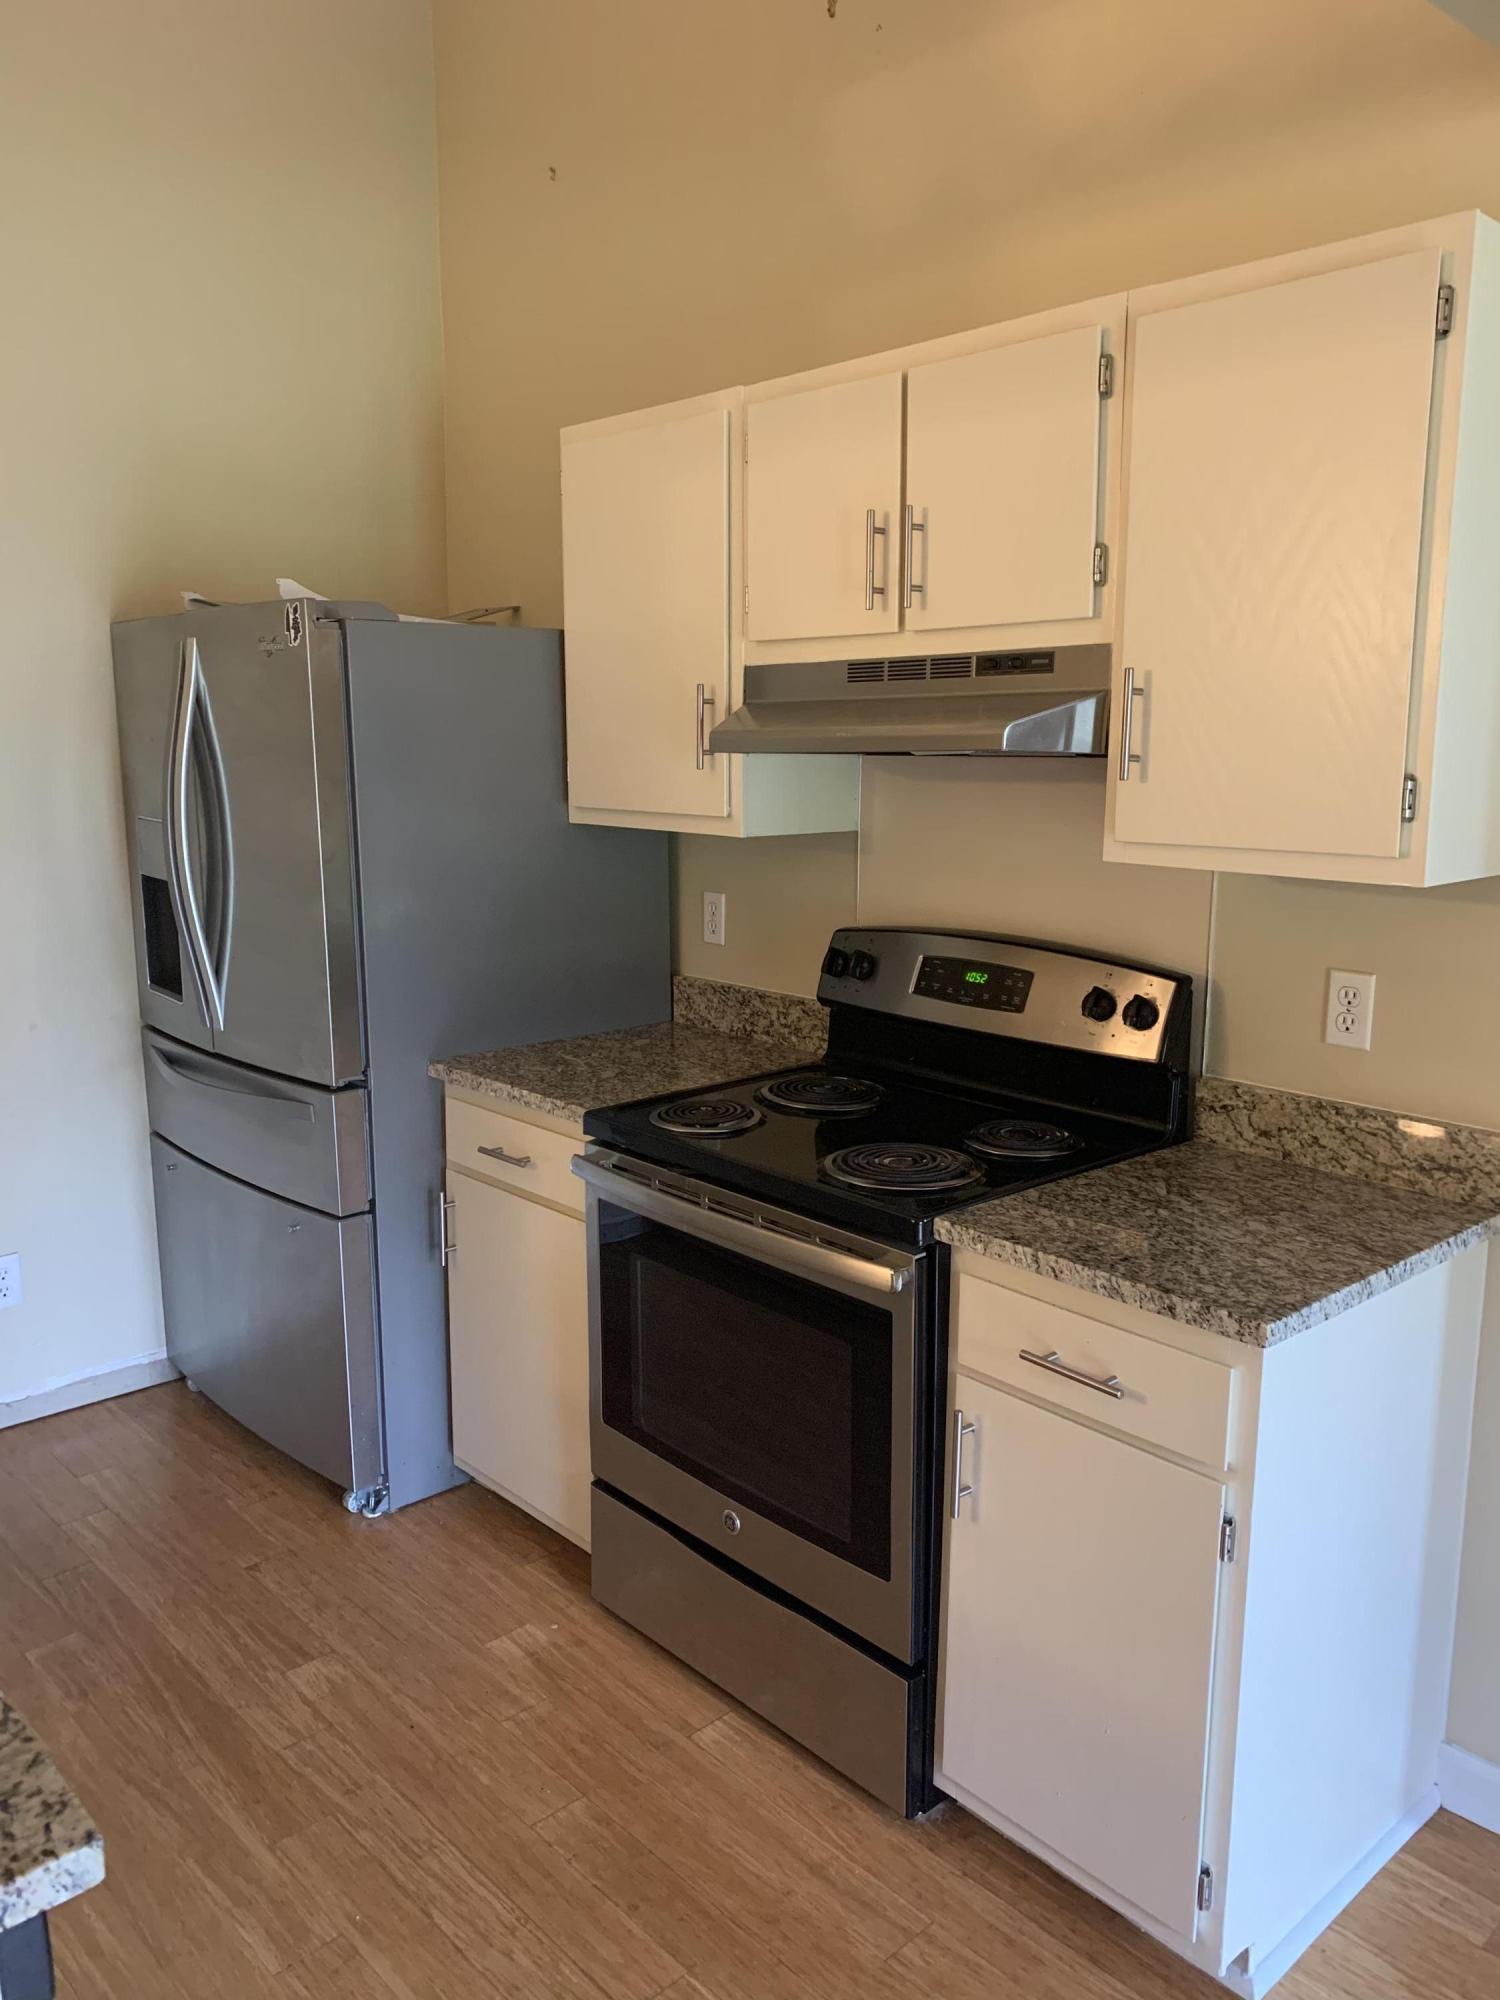 Willow Walk Homes For Sale - 1144 Oakcrest, Charleston, SC - 7